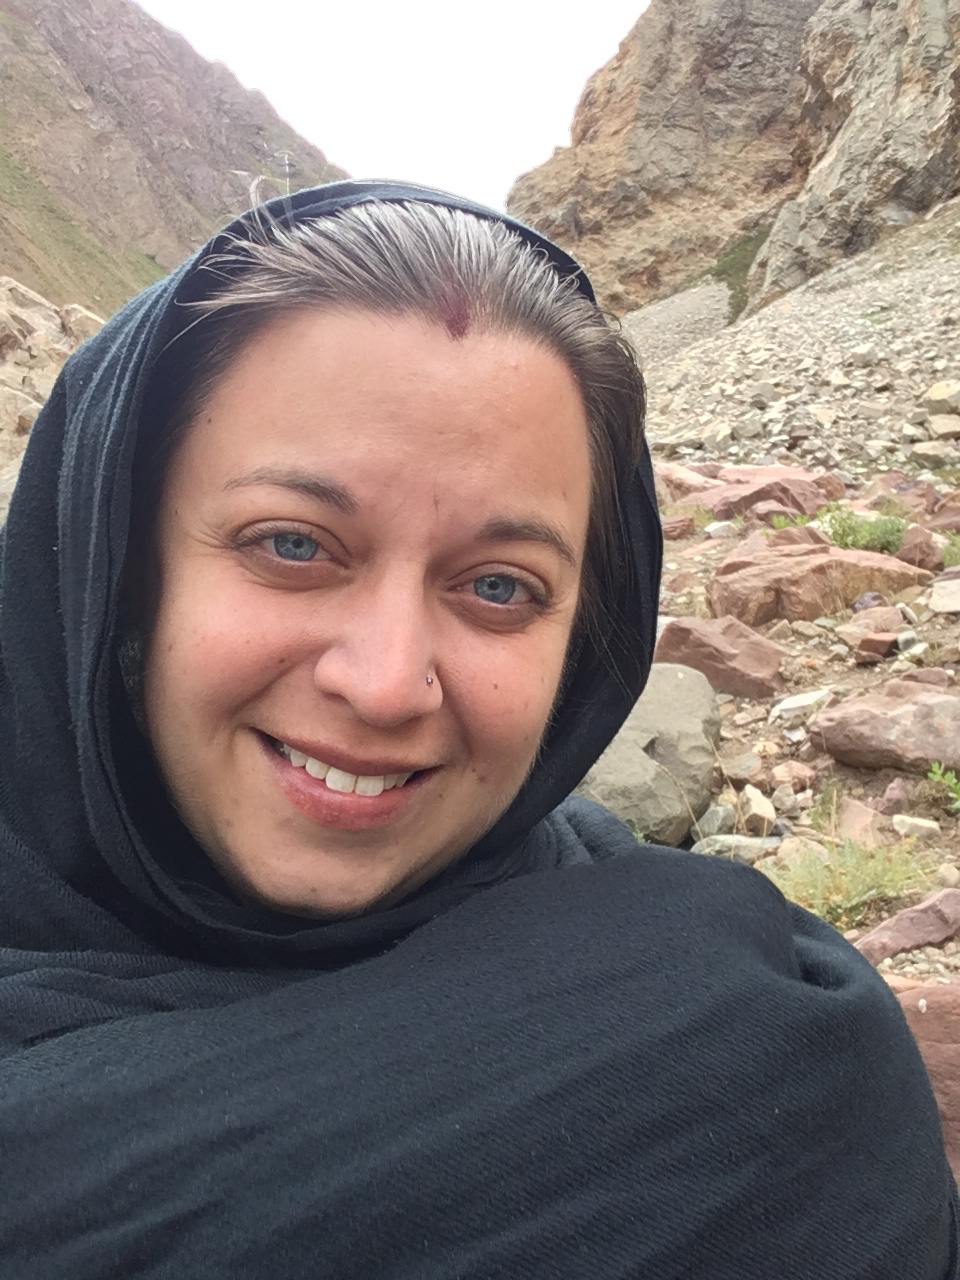 PhD student Erica Mukherjee in India